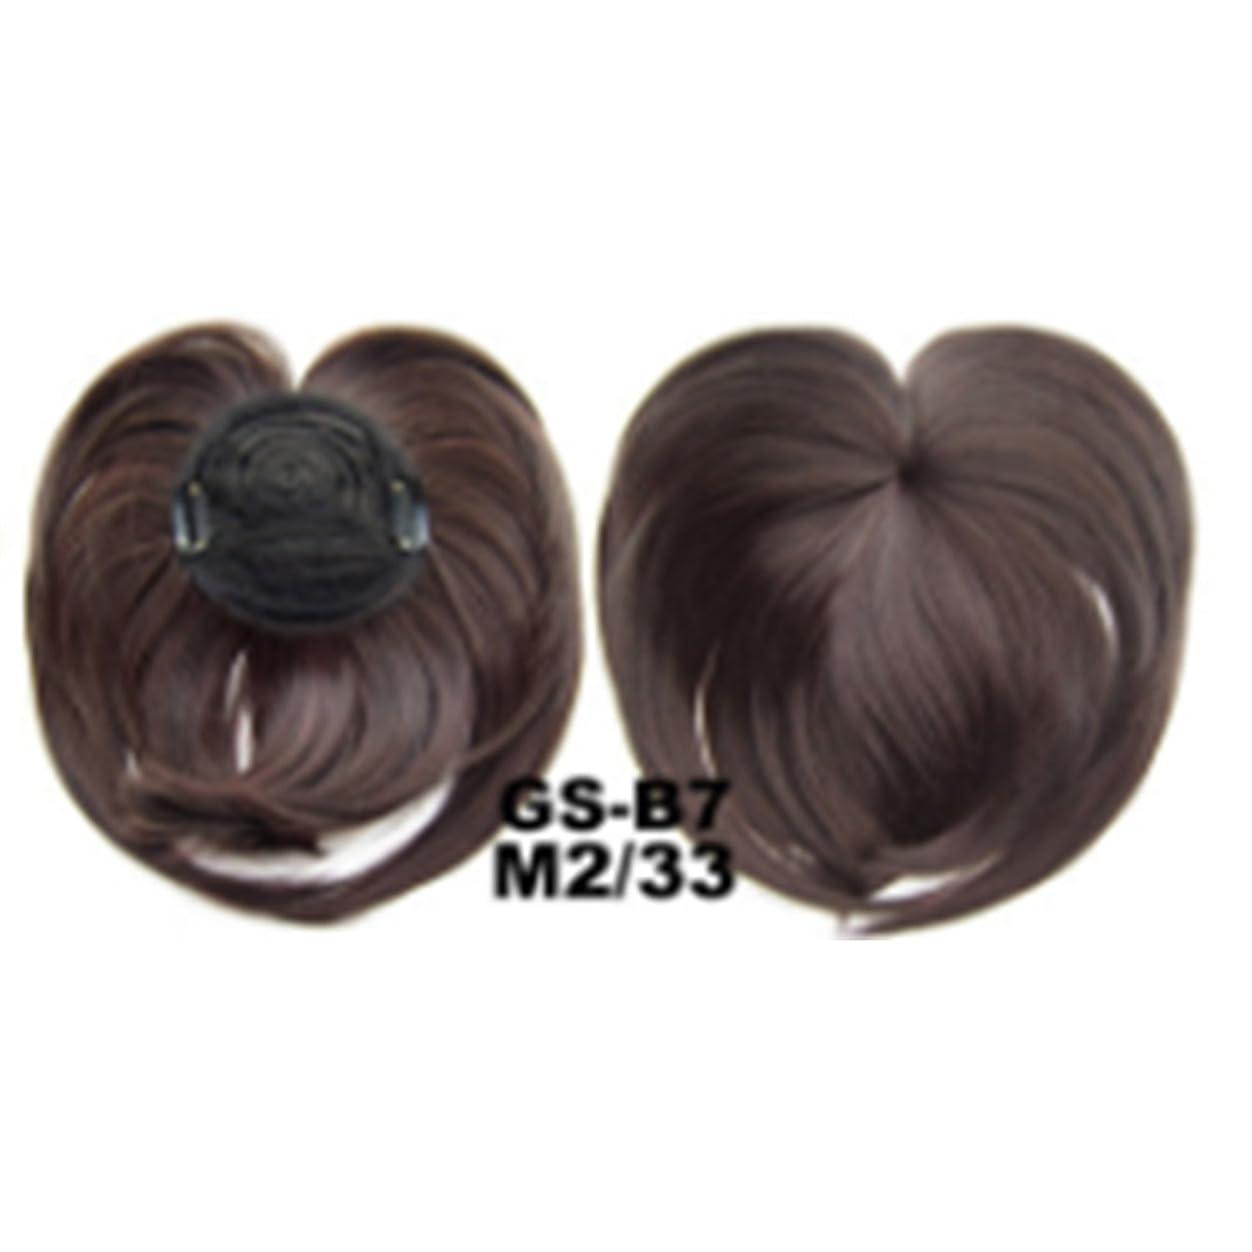 突き出す緊急クラウンDoyvanntgo 頭の髪の拡張劉海毛のタイプのウィッグピースナチュラルカラー130グラム (Color : GS-M2/33#)